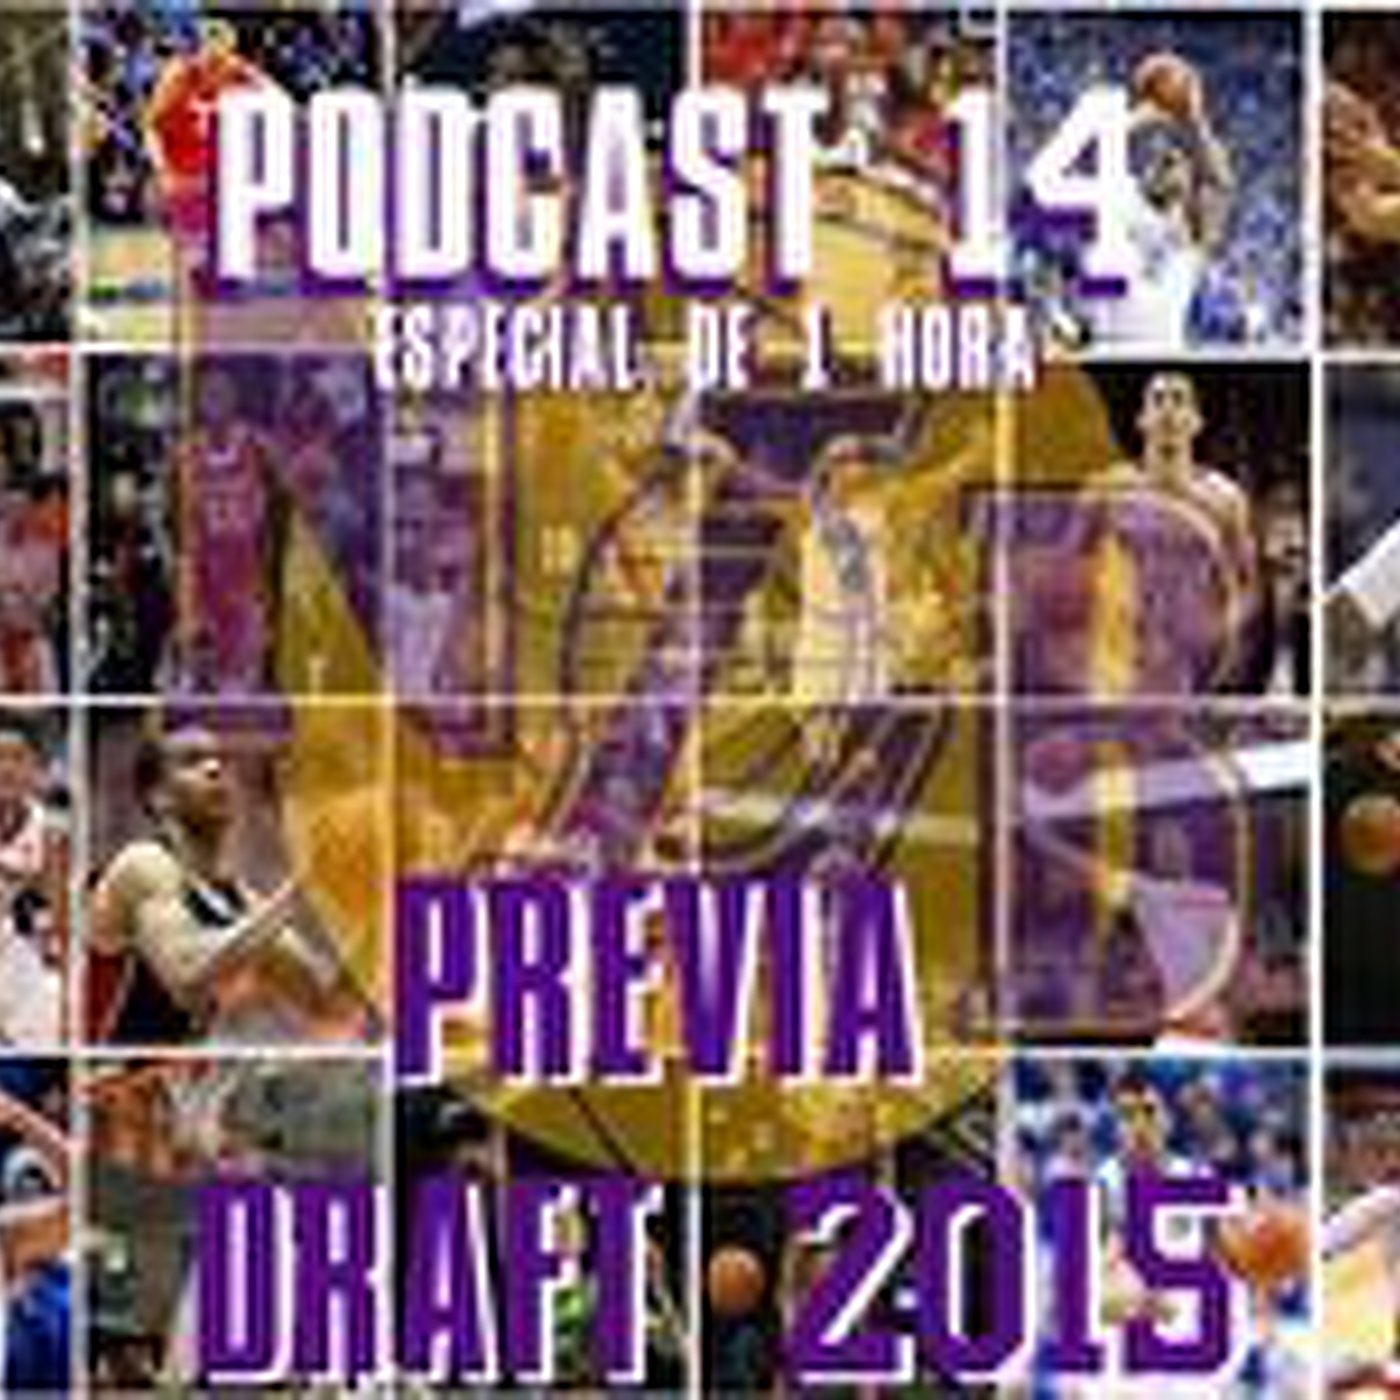 PODCAST #14 - Especial de 1 hora: PREVIA DRAFT 2015